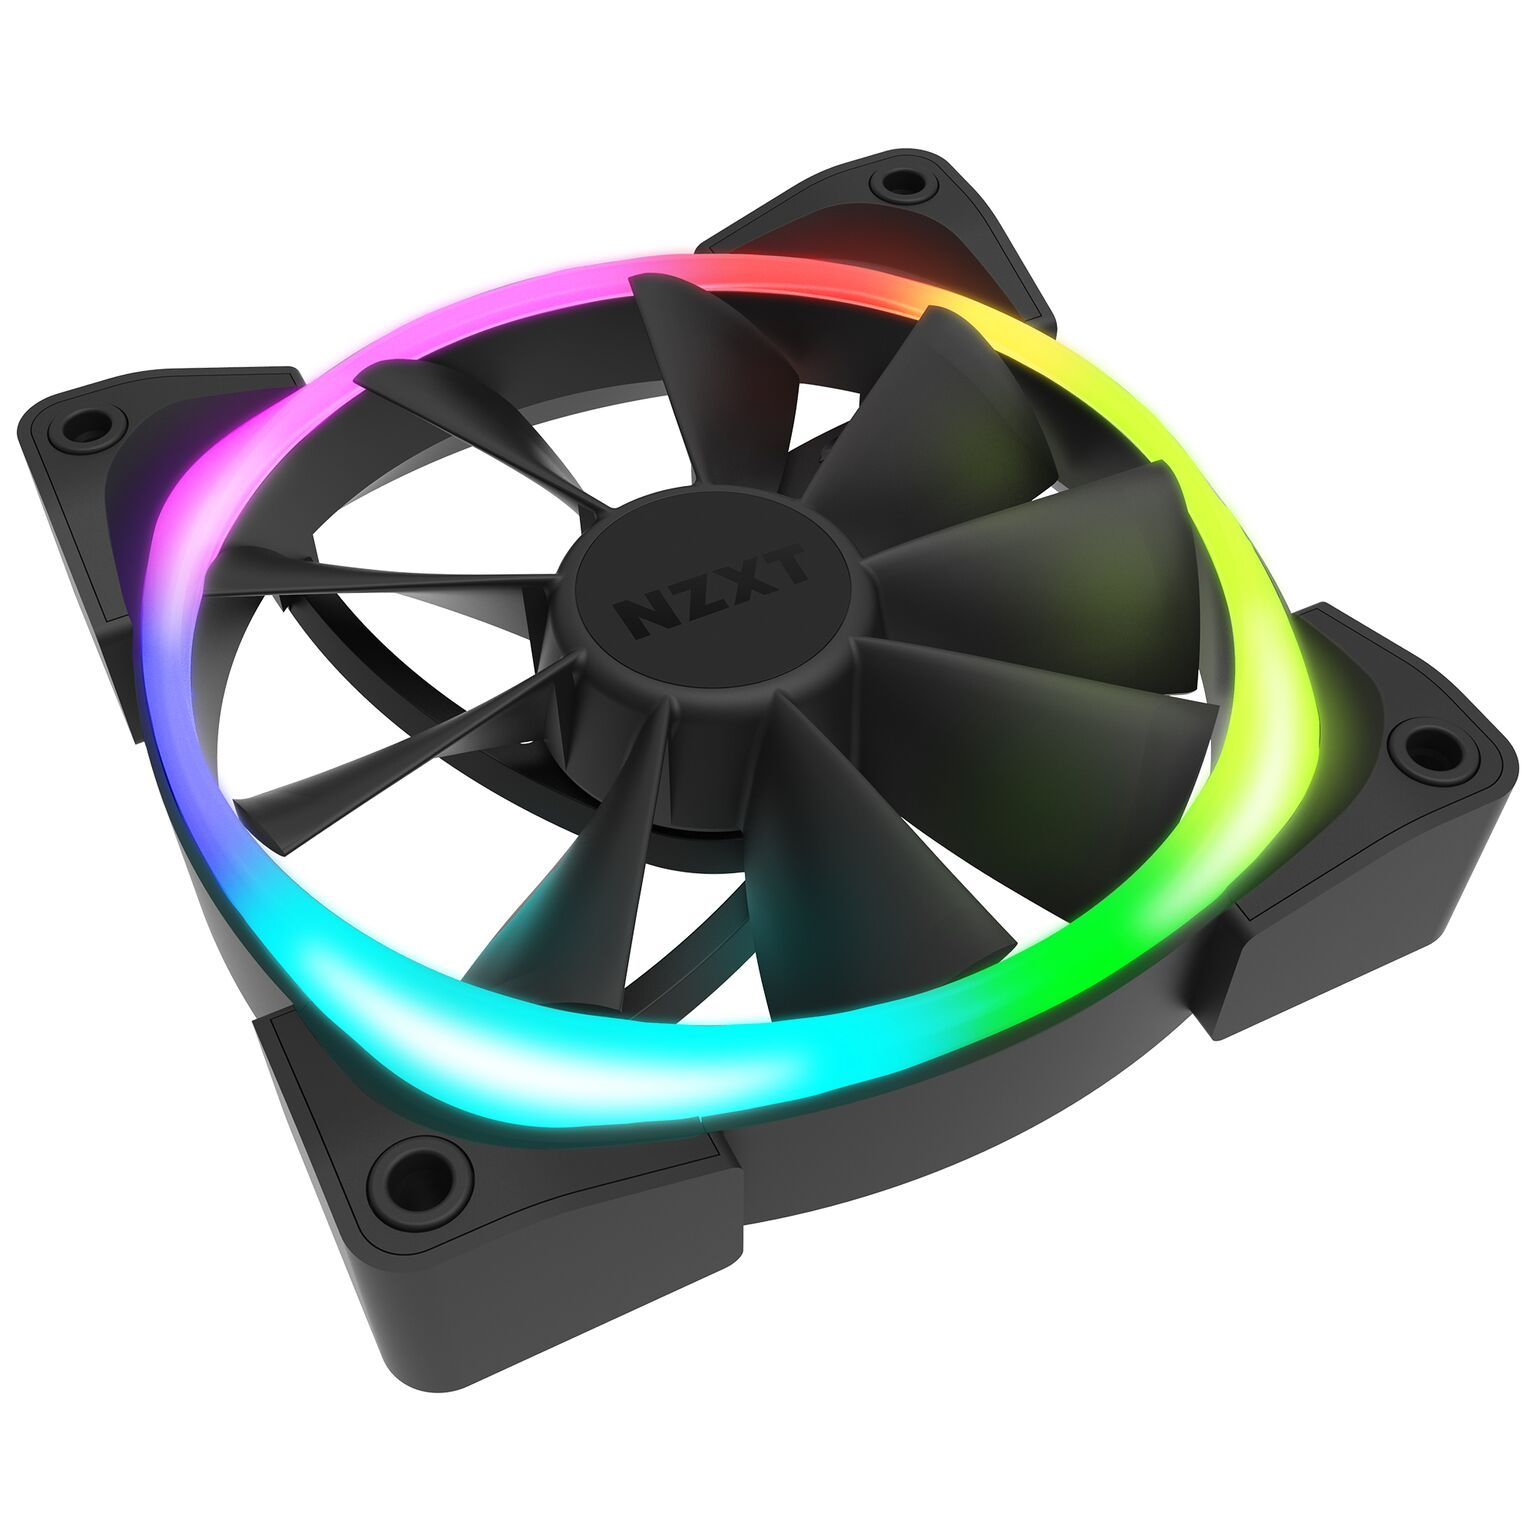 Aer RGB 2 Starter Kit 1